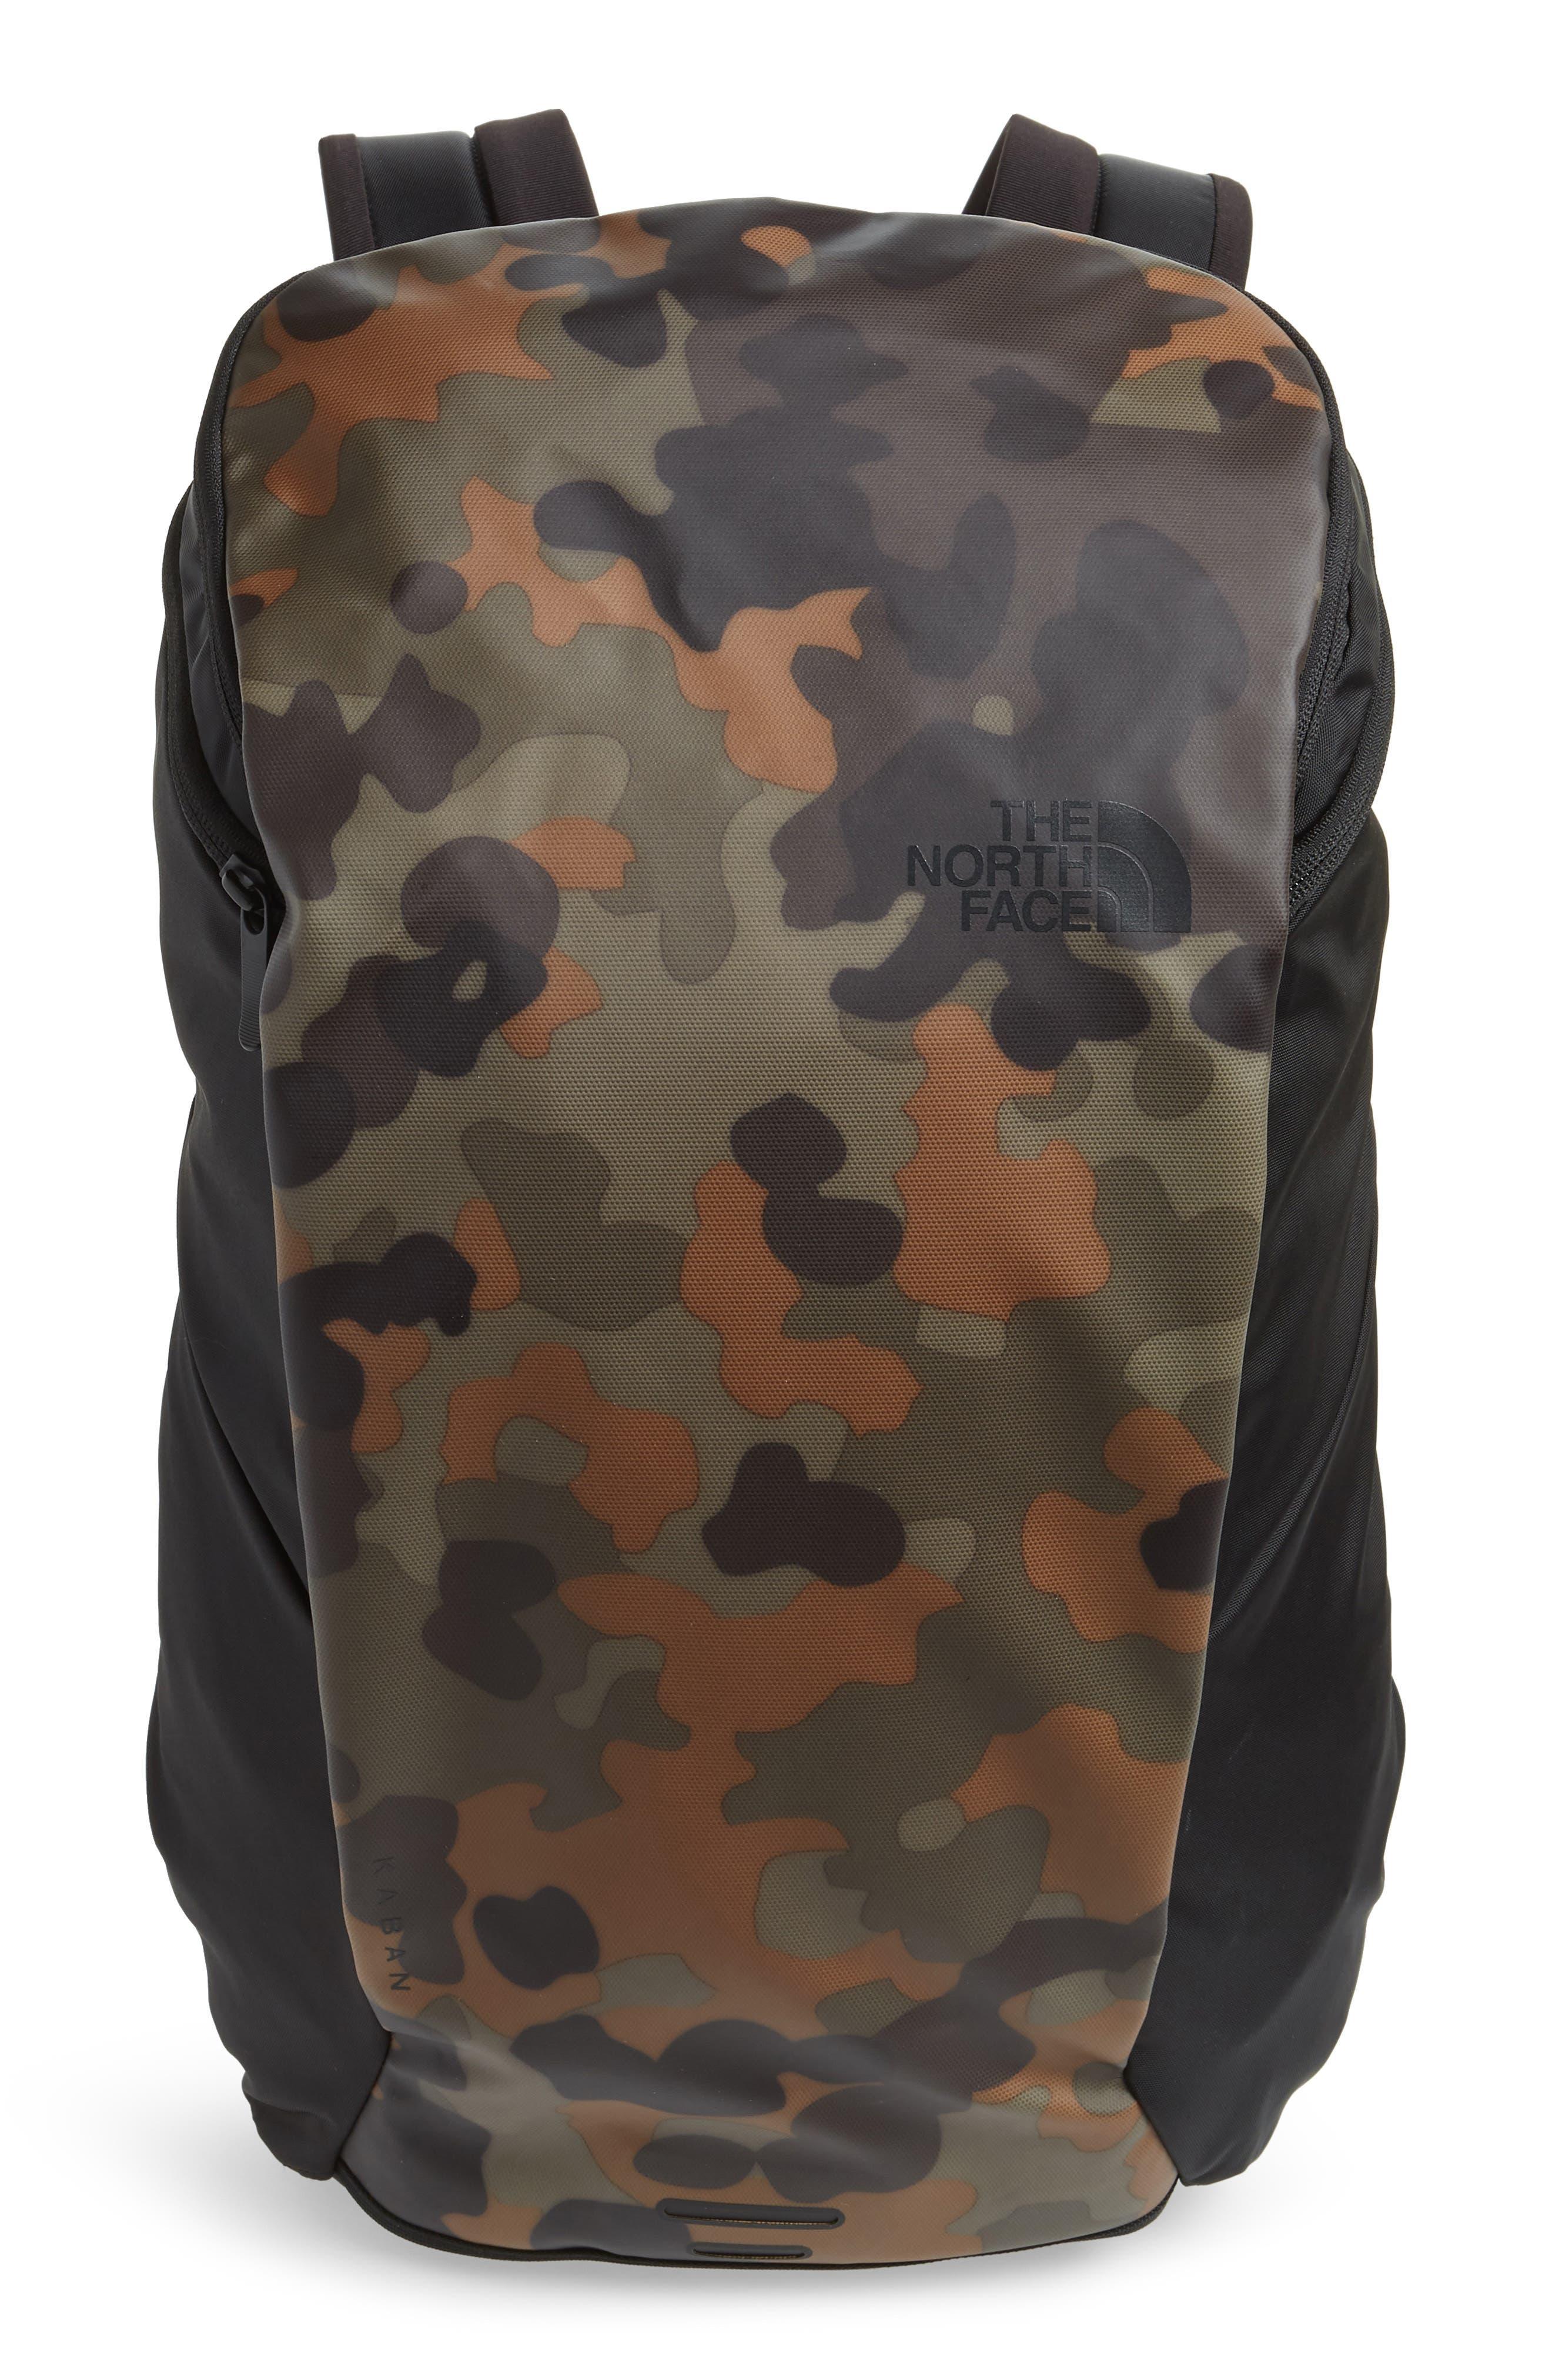 Ka-Ban Backpack,                             Main thumbnail 1, color,                             TAUPE GREEN/ MACROFLECK PRINT